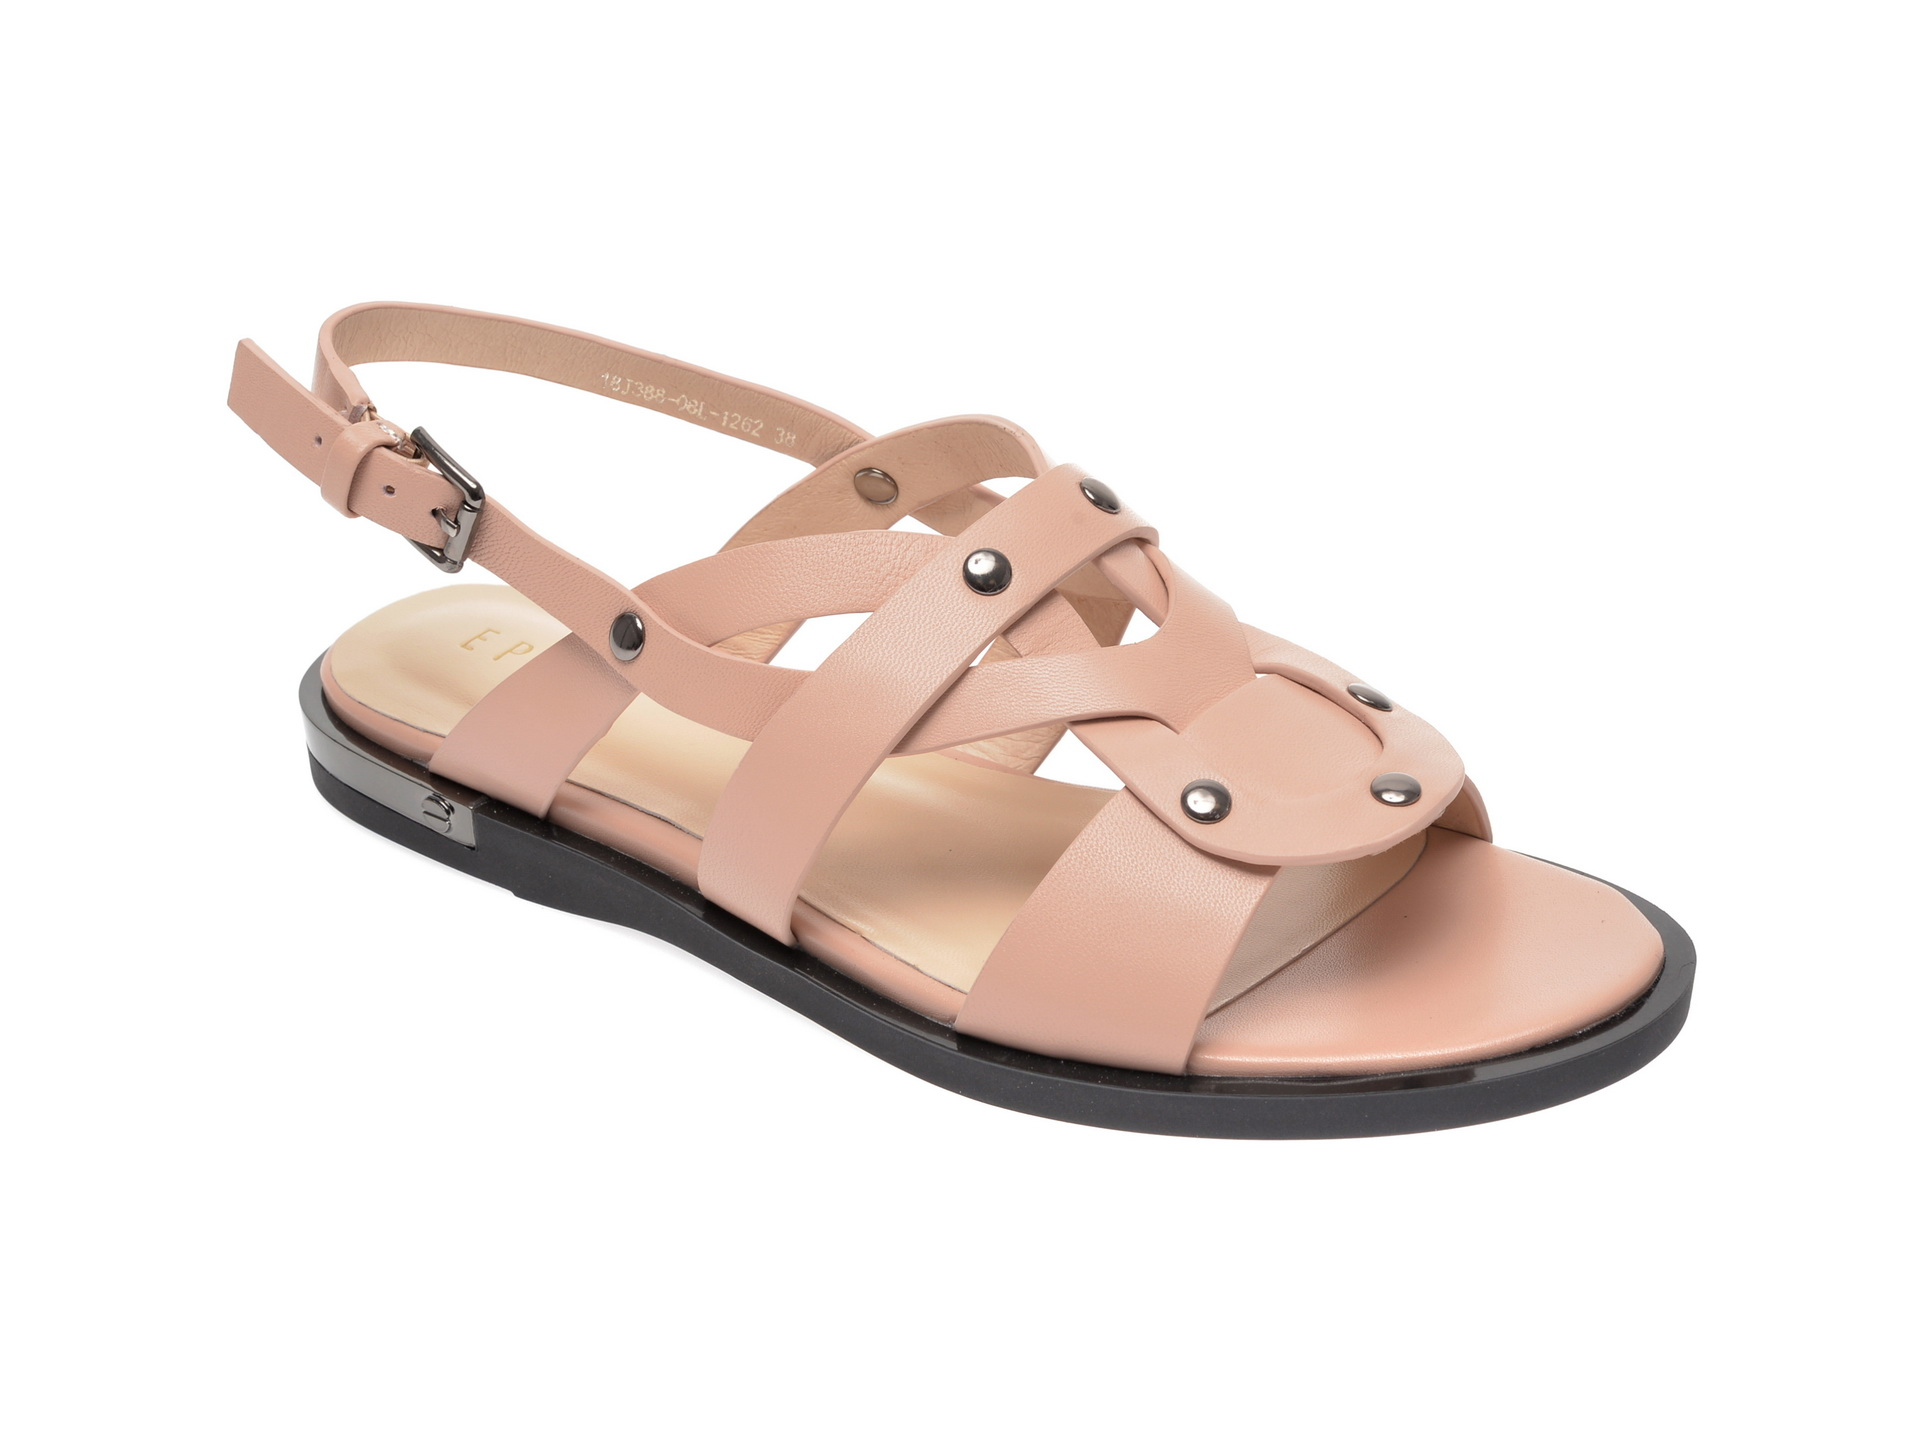 Sandale EPICA bej, 18J3880, din piele naturala